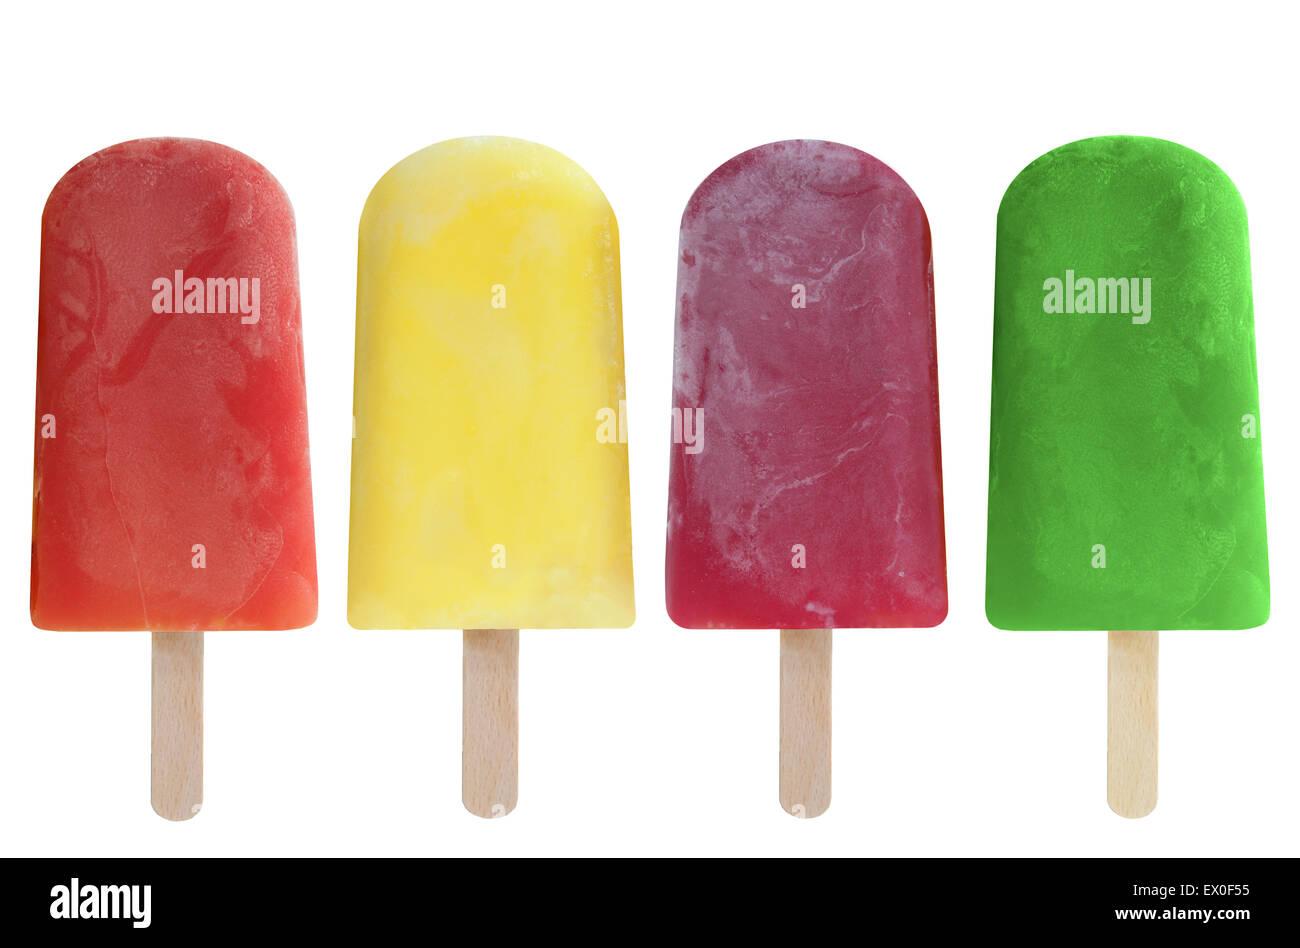 Ice Cream Ice Lolly